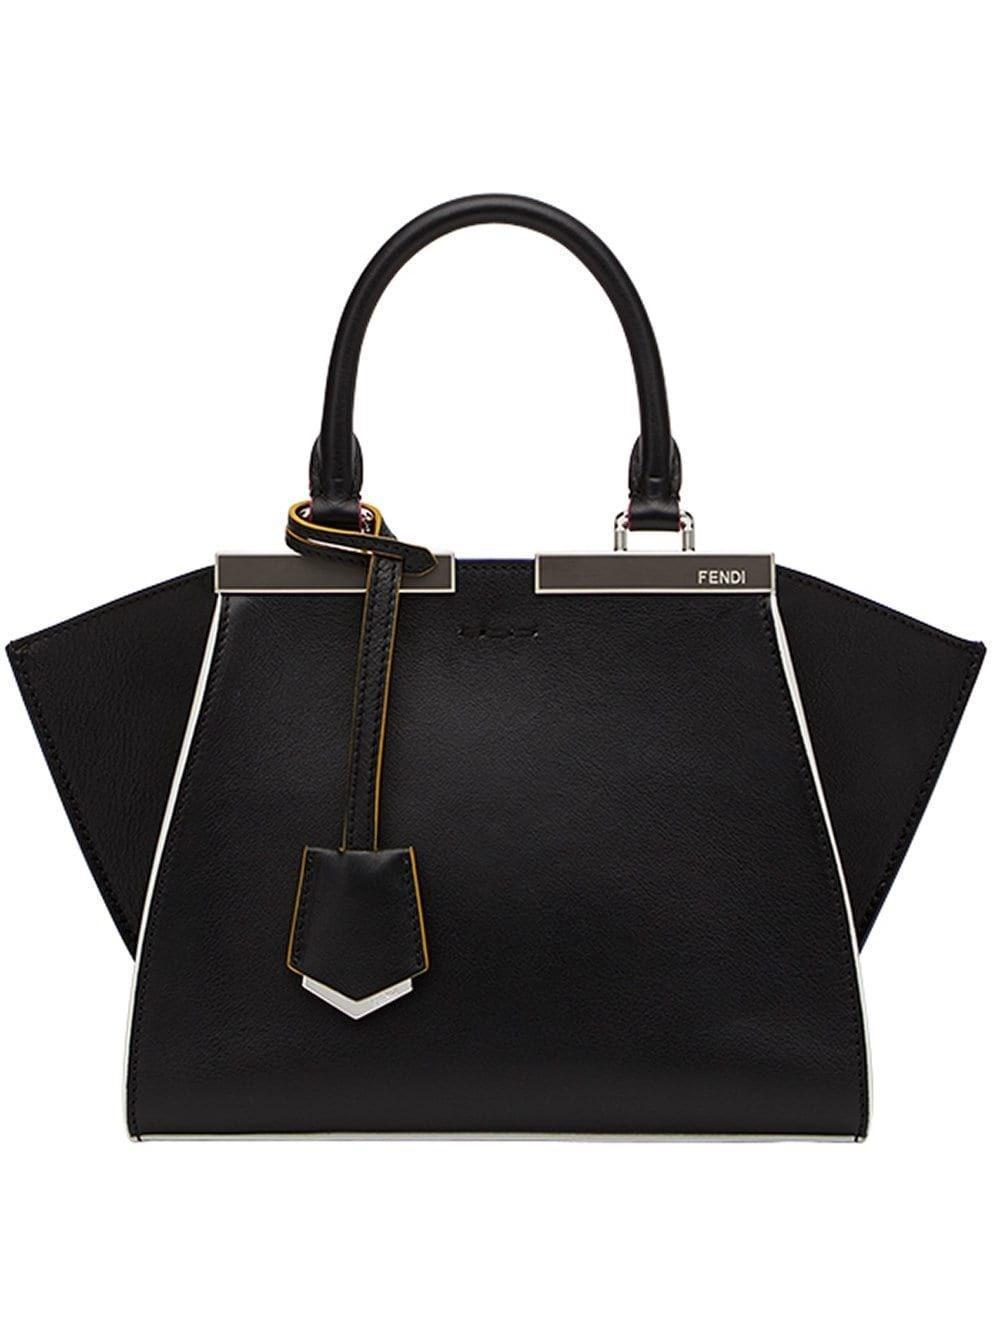 a877020b Lyst - Fendi Women's 8bh3335c3f0gxn Black Leather Handbag in Black